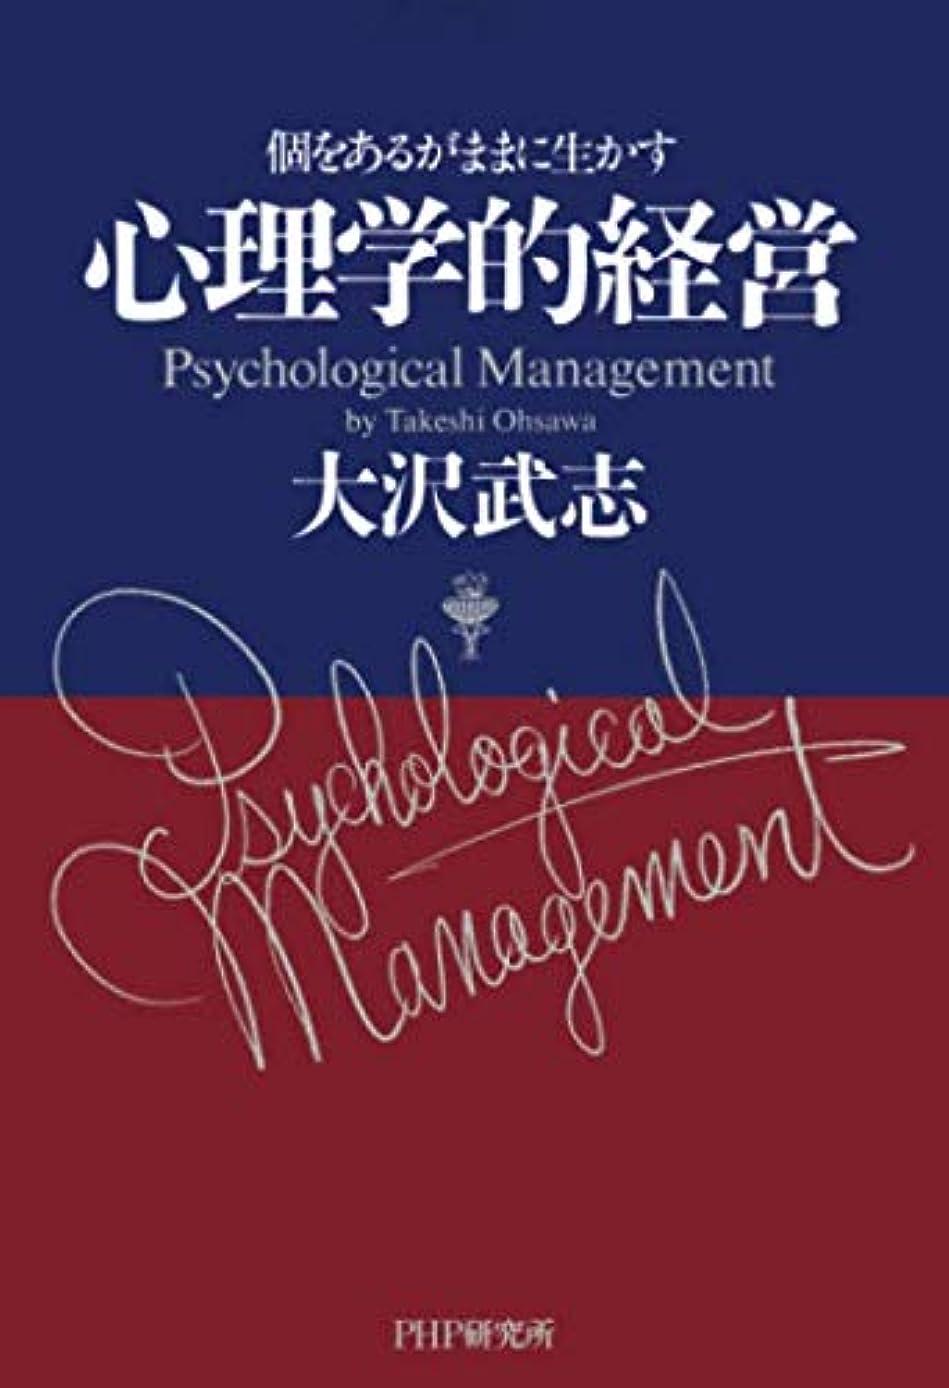 正気小包細分化する心理学的経営 個をあるがままに生かす